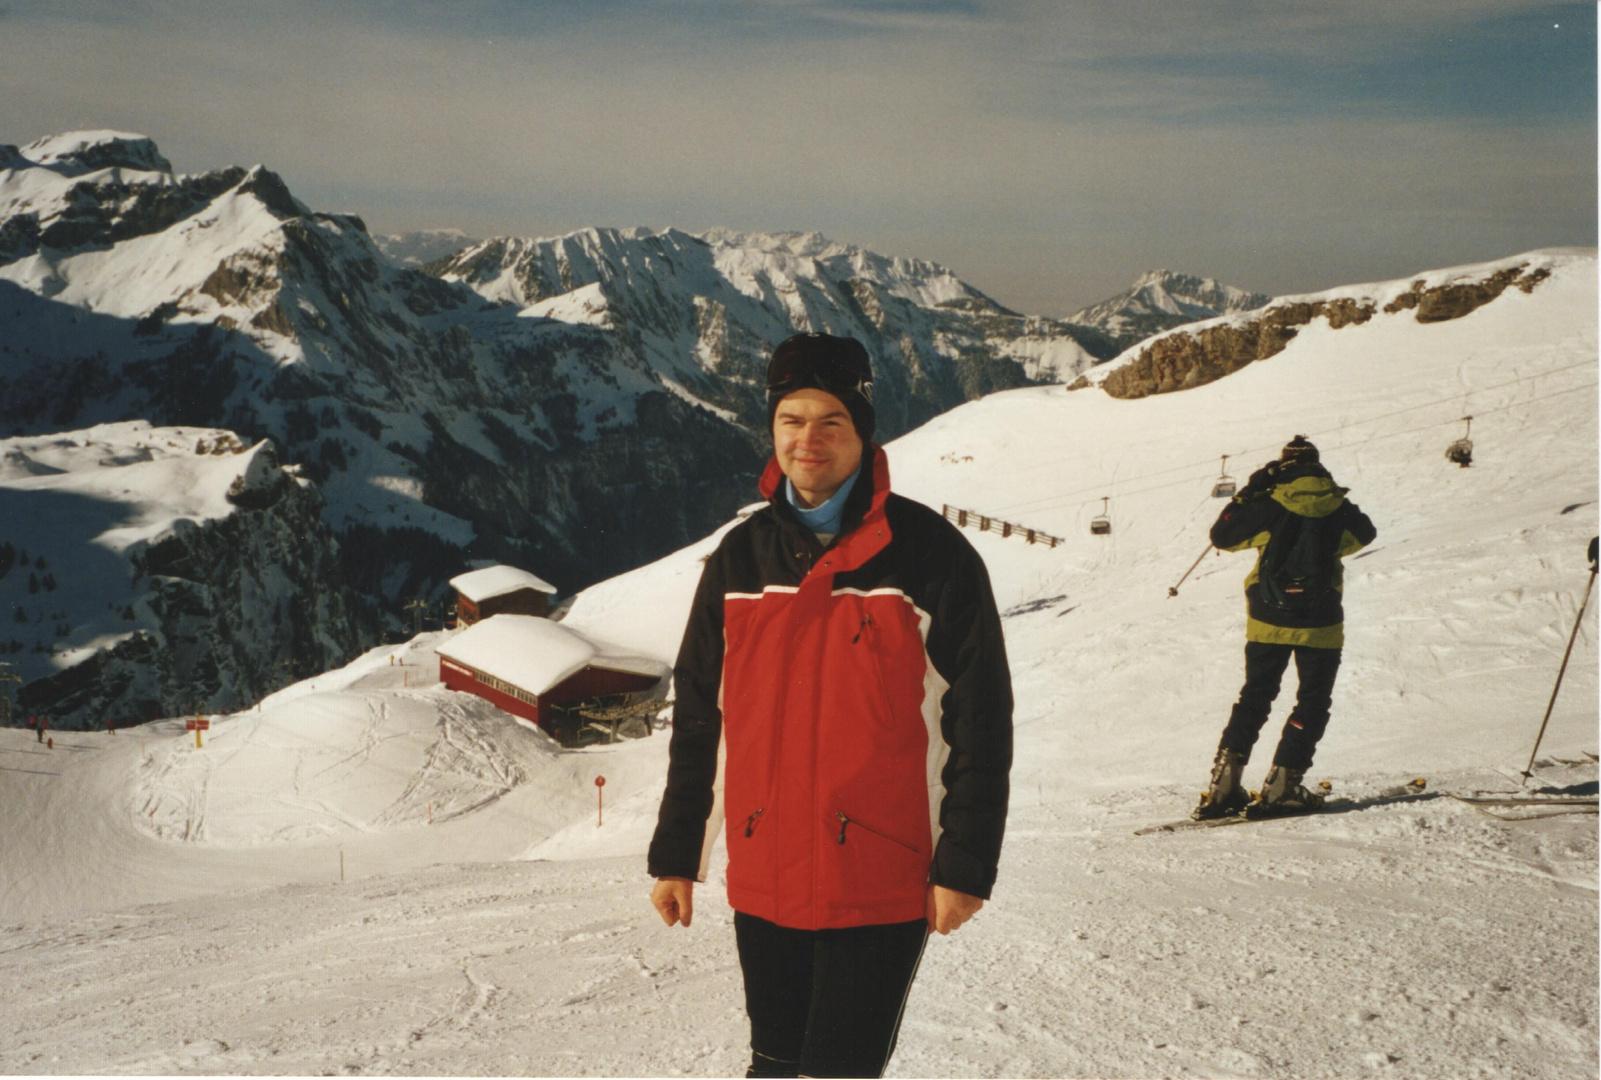 Ferien in Engelberg, Schweiz in 2005